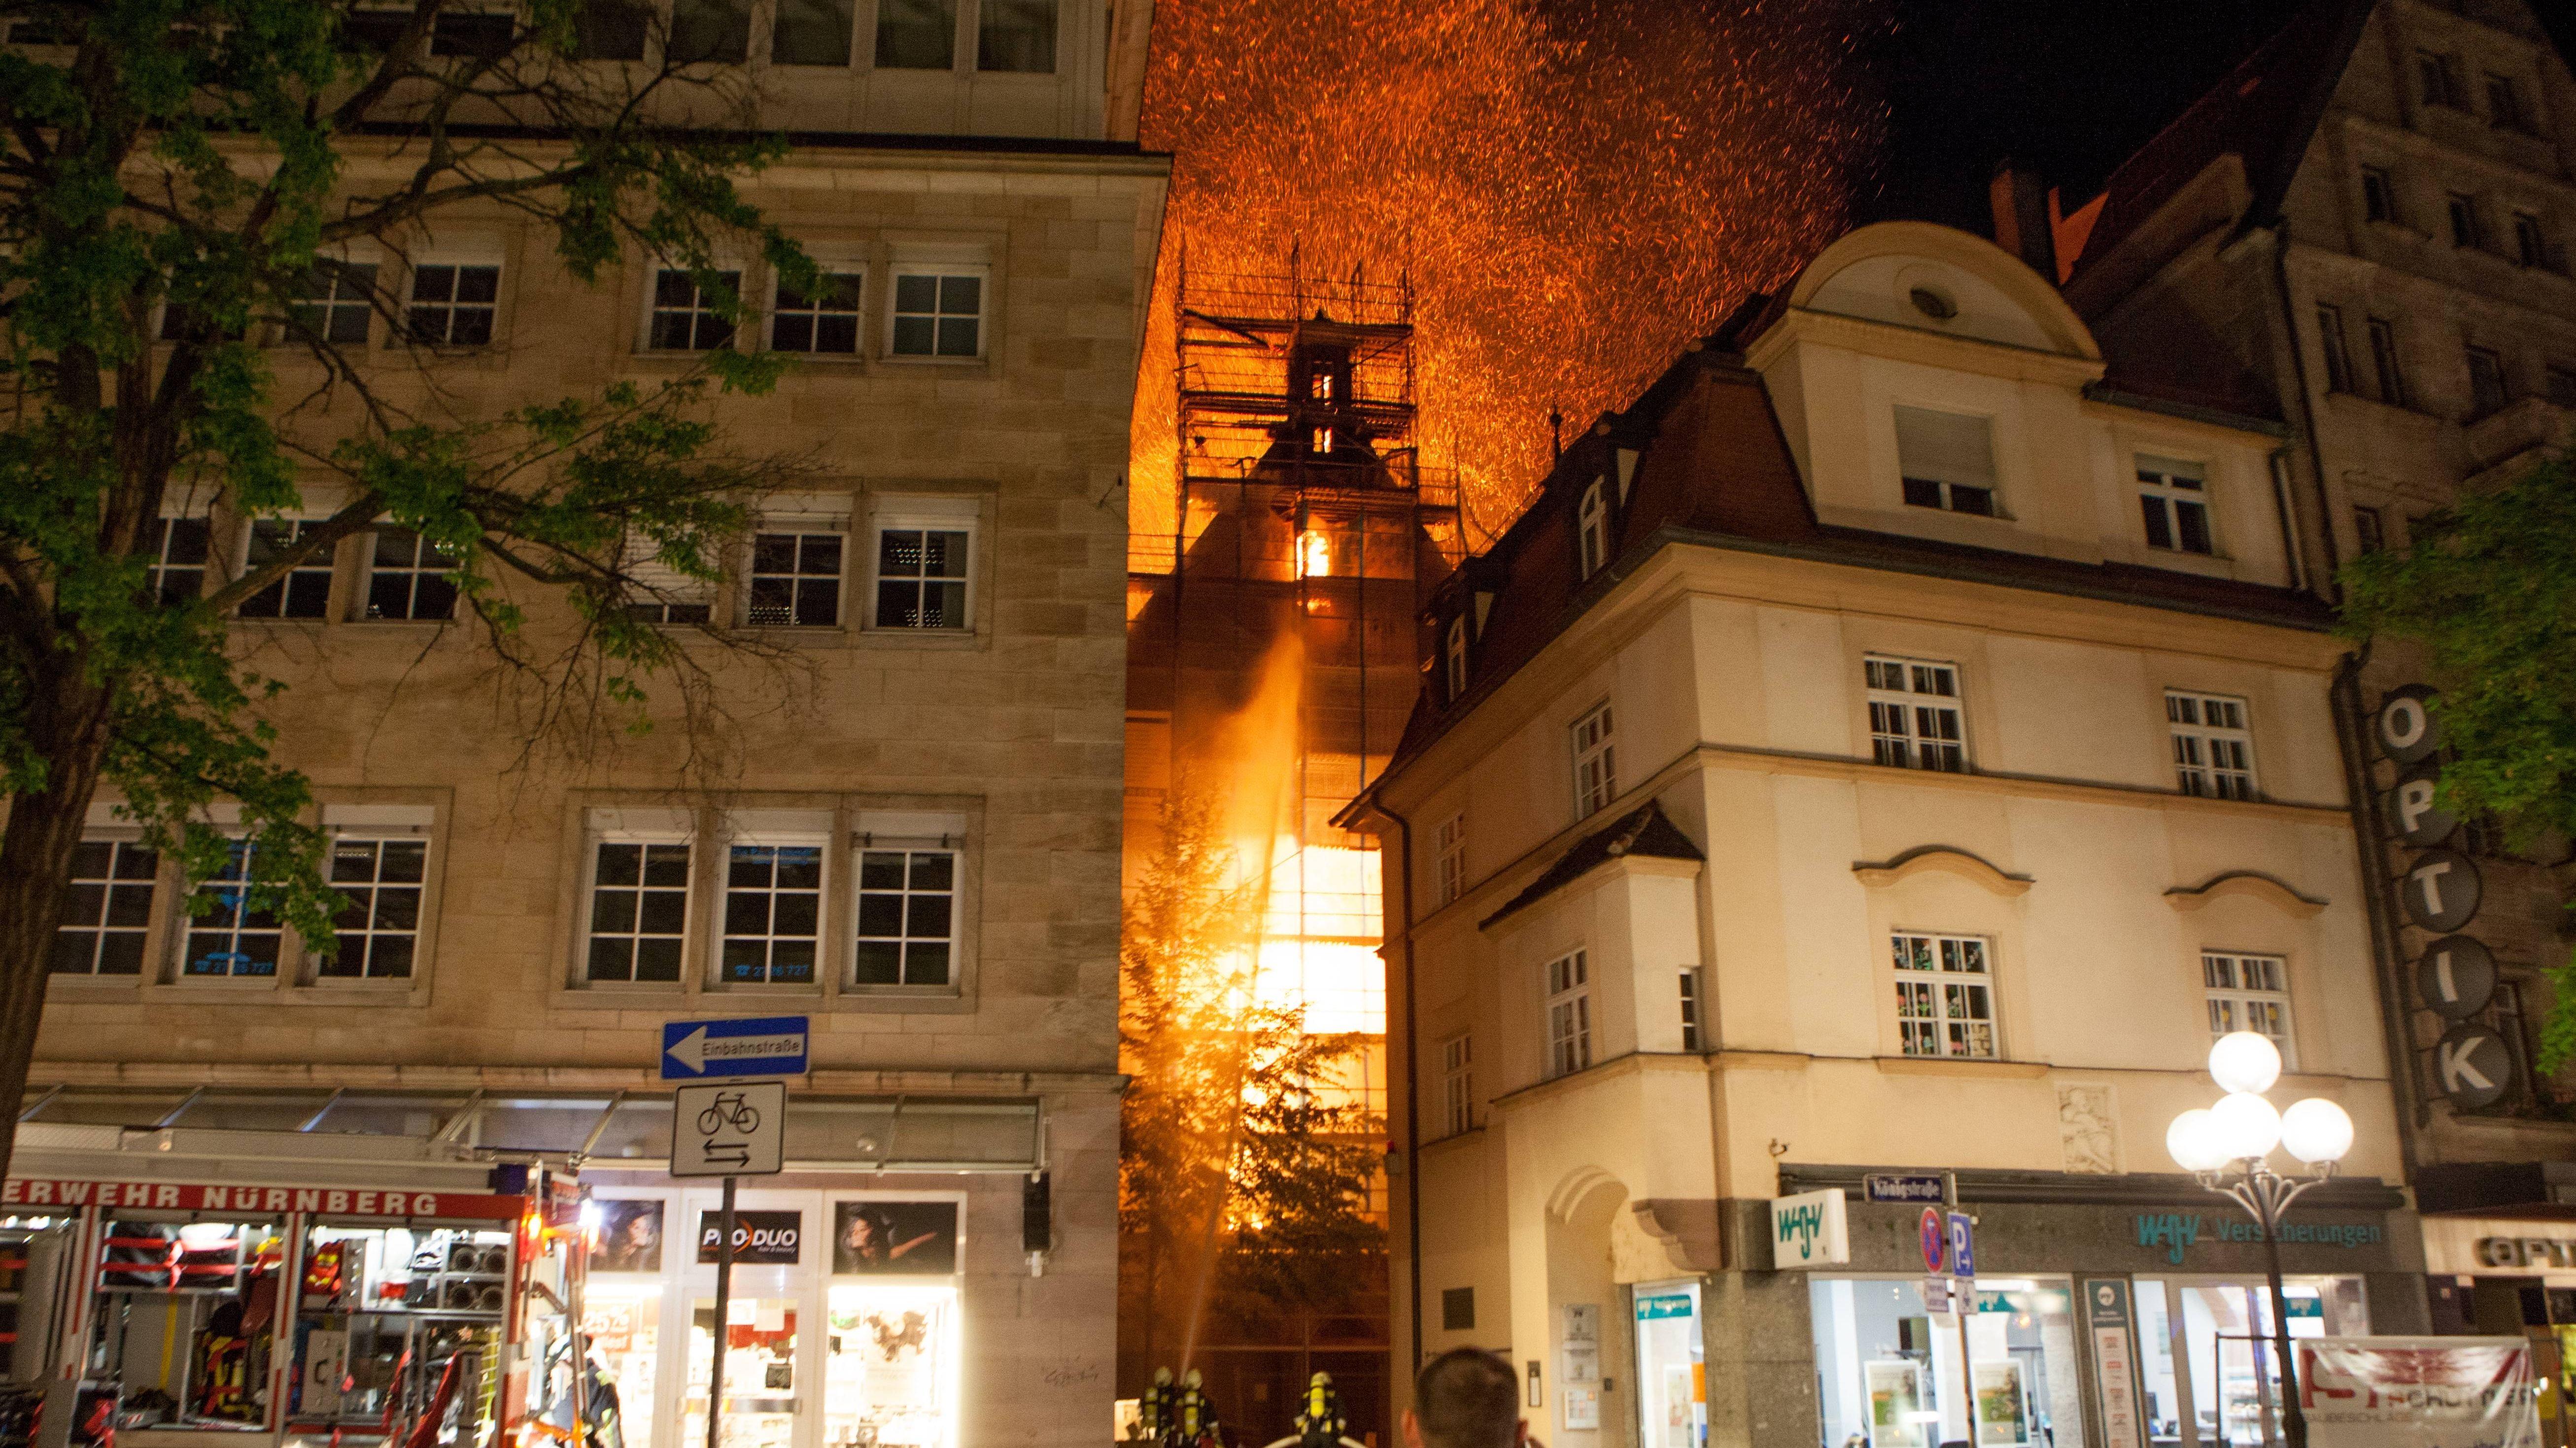 Flammen schlagen aus dem Dachstuhl